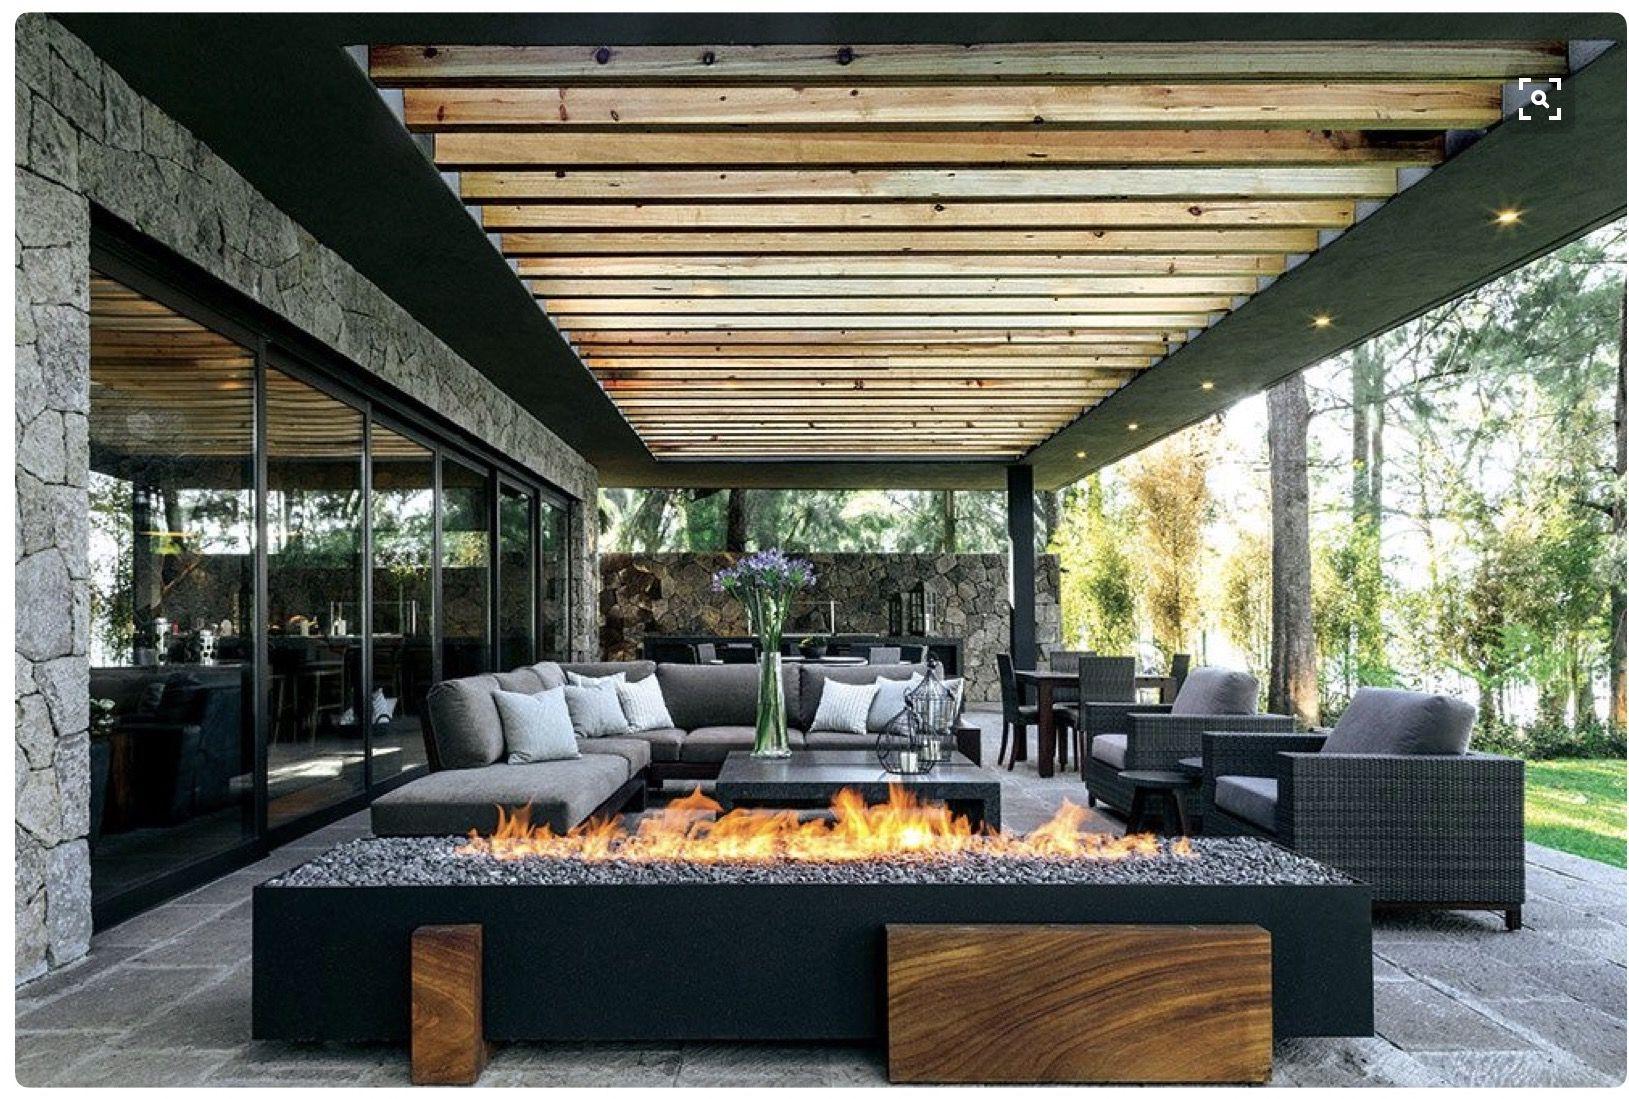 Pin de nicola napoli en garden pinterest terrazas fachadas modernas y moderno - Terrazas de casas modernas ...